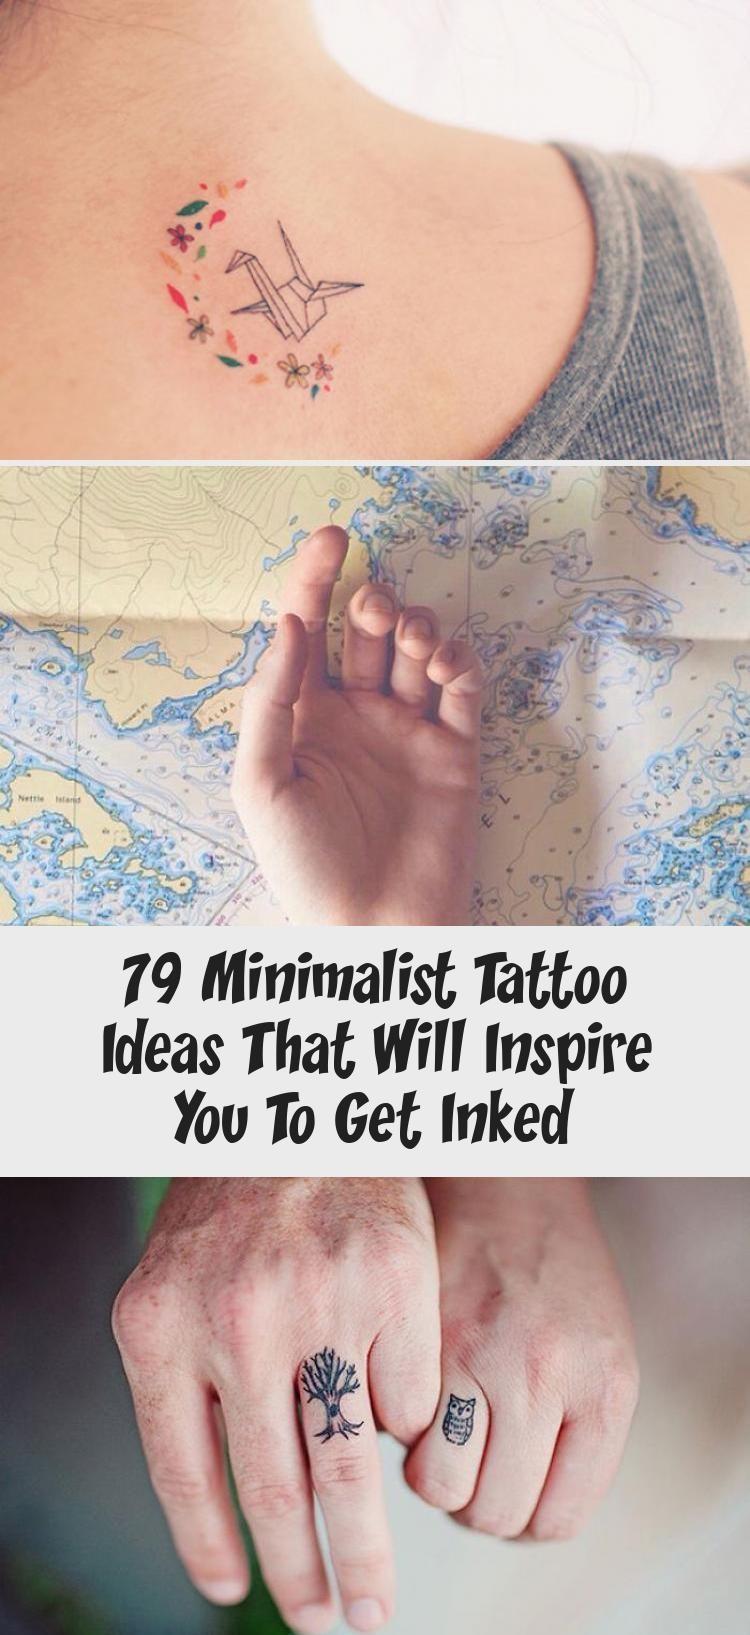 79 Minimalistische TattooIdeen die Sie dazu inspirieren sich einfärben zu lassen  Gelangweilter Panda   79 Minimalistische TattooIdeen die Sie dazu inspirieren sich...